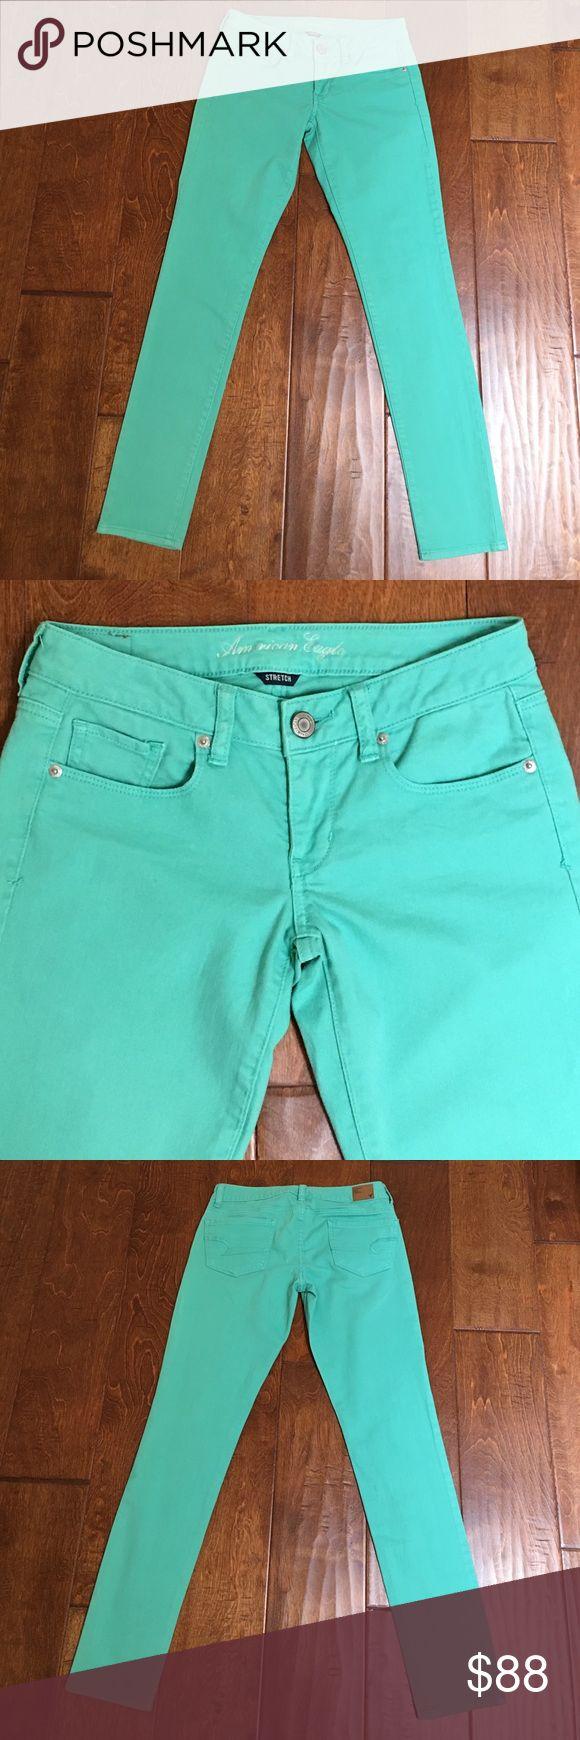 American Eagle, Mint Green Skinny Jeans I'm selling a beautiful pair of American Eagle Mint Green Skinny Jeans, size American Eagle Outfitters Jeans Skinny